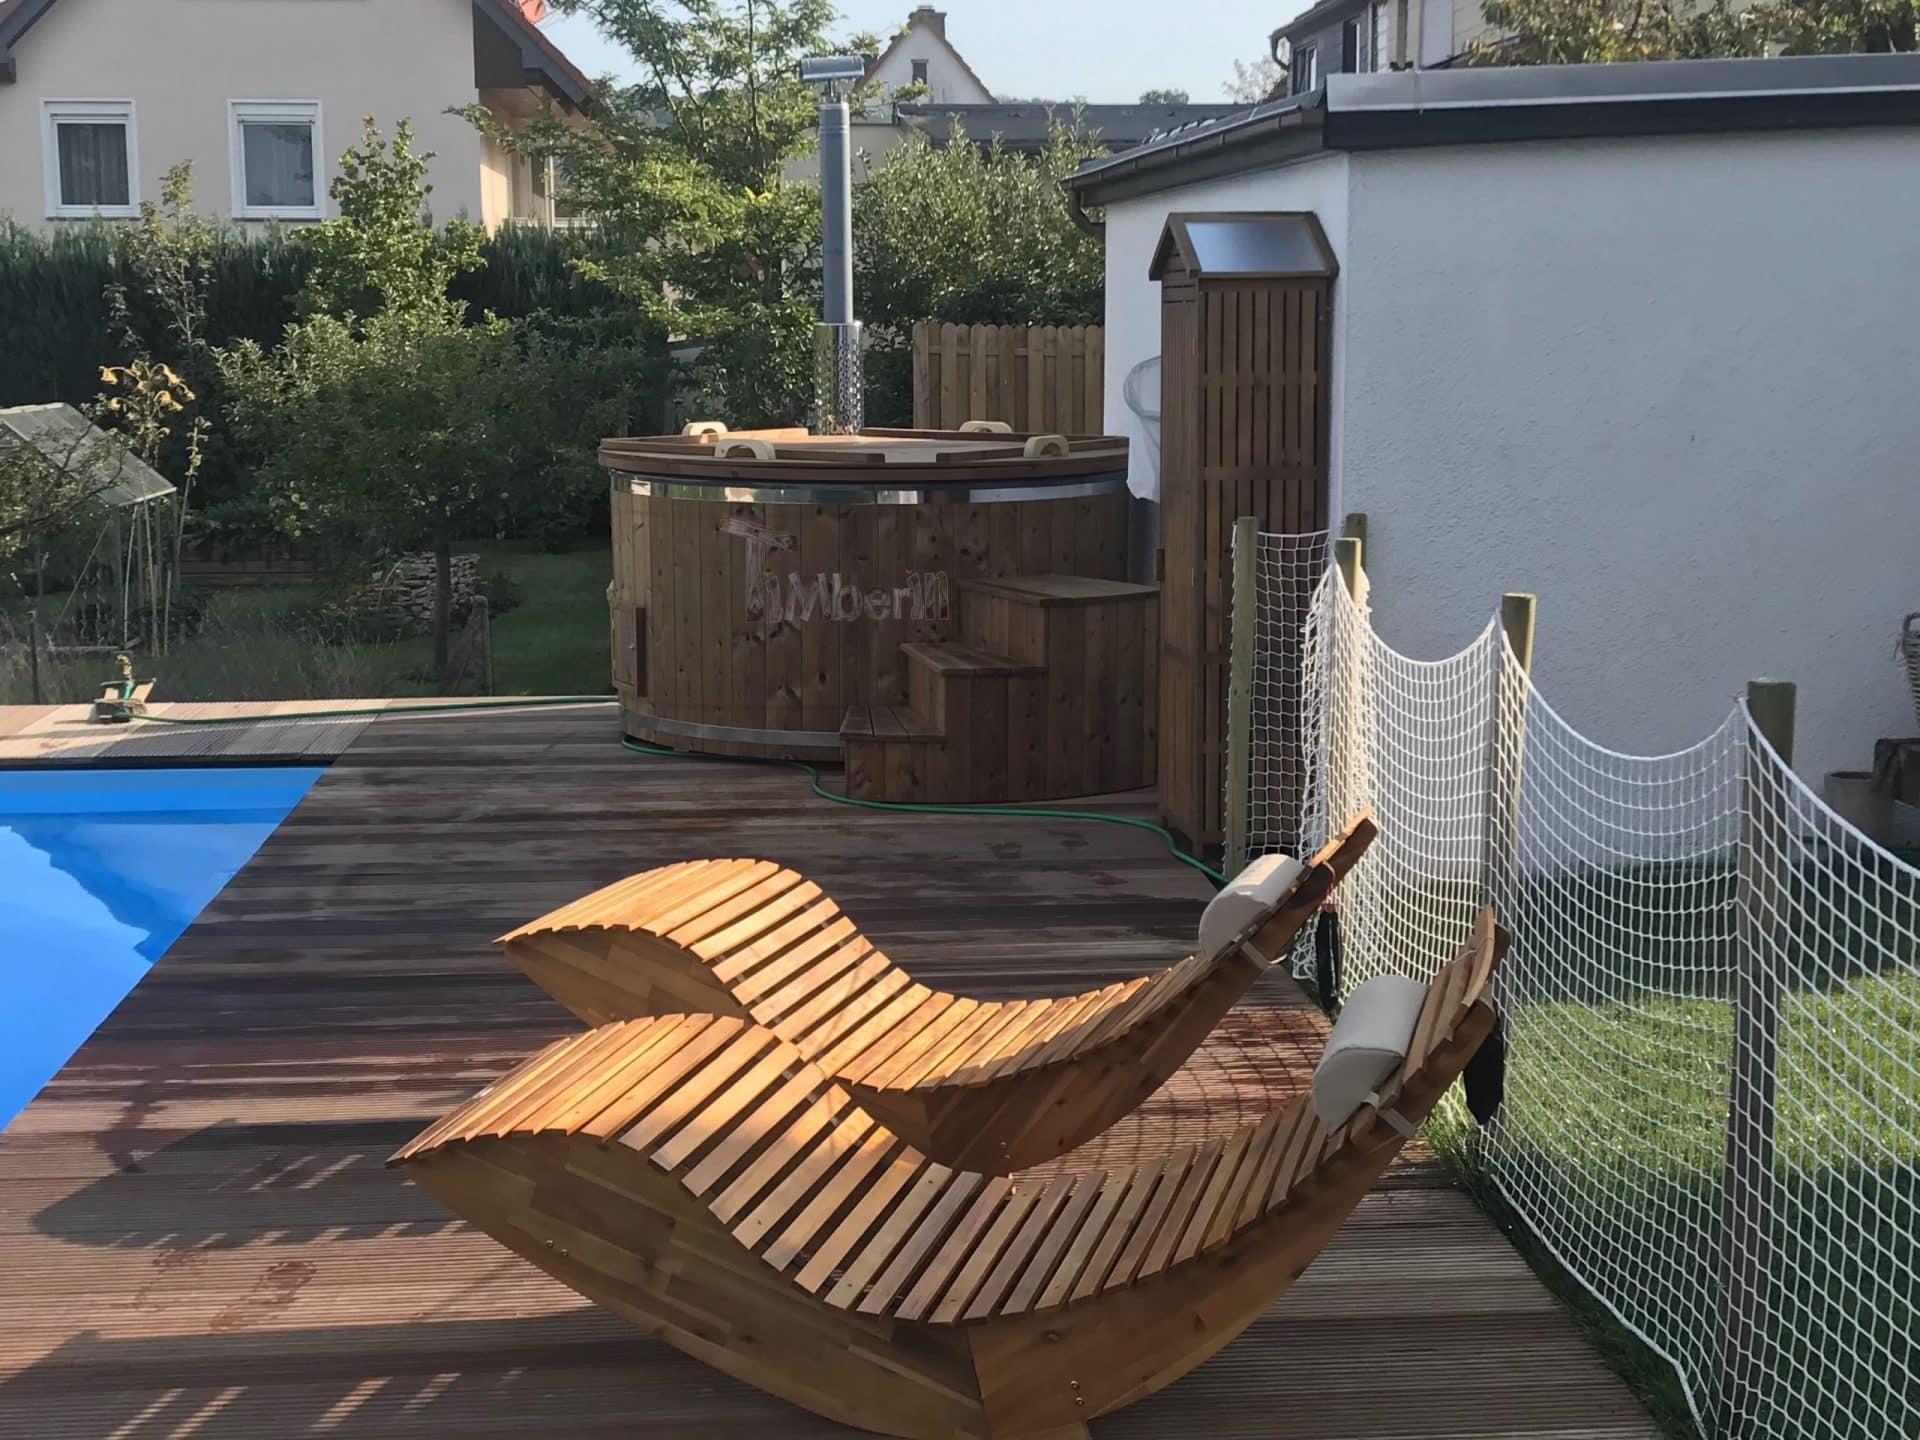 Badefass gfk mit Whirlpool Wellness Royal Uwe Schluechtern Deutschland 2 scaled